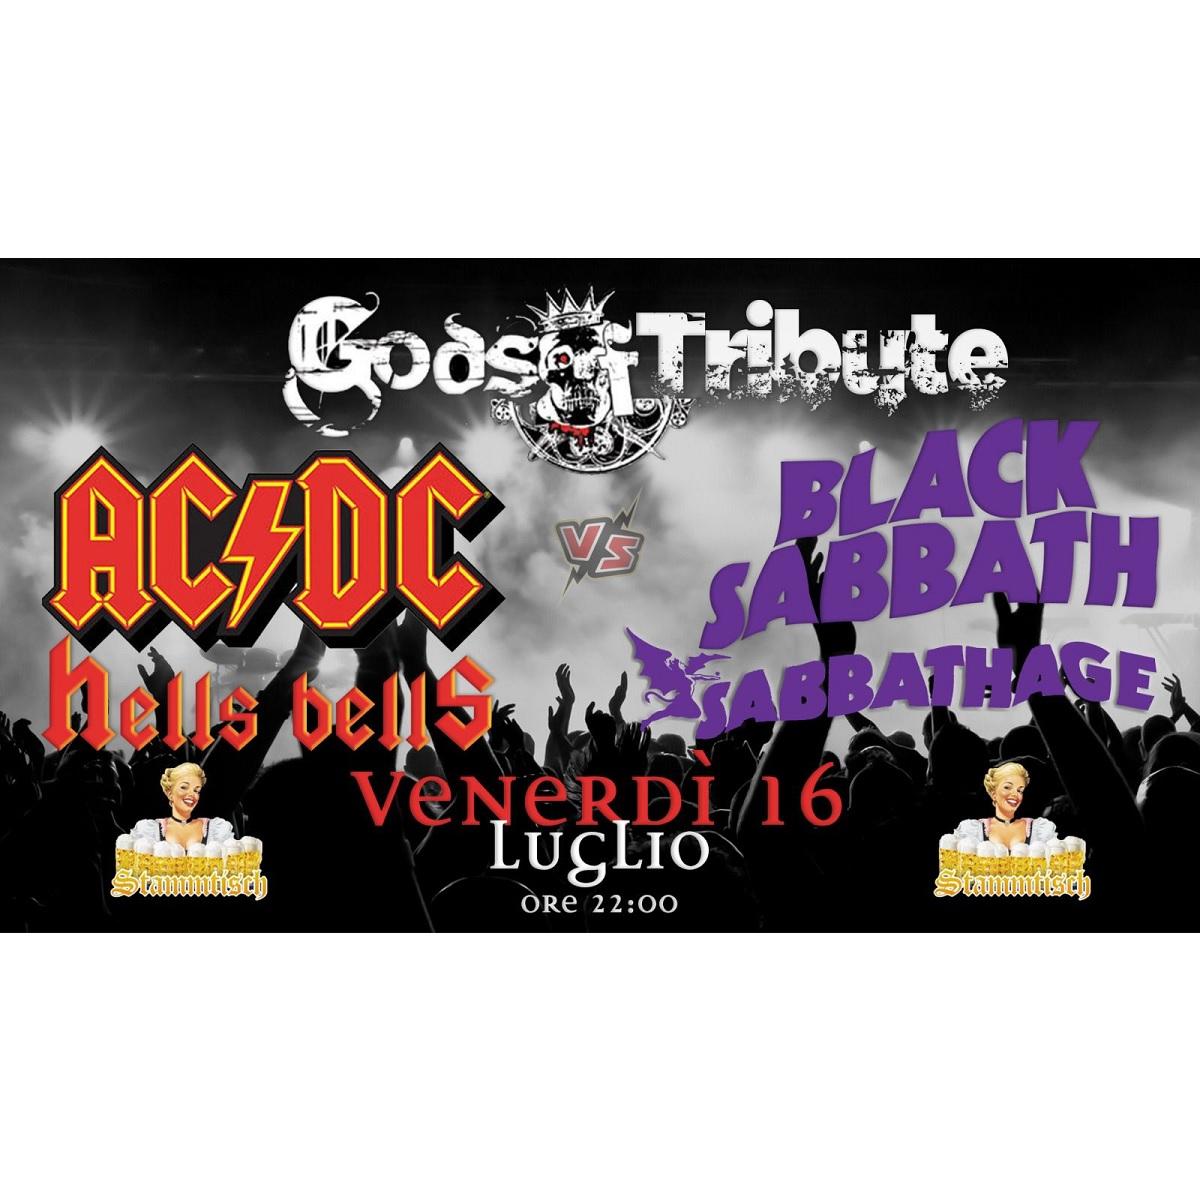 Cover degli AcDc e dei Black Sabbath 16 luglio 2021 foto